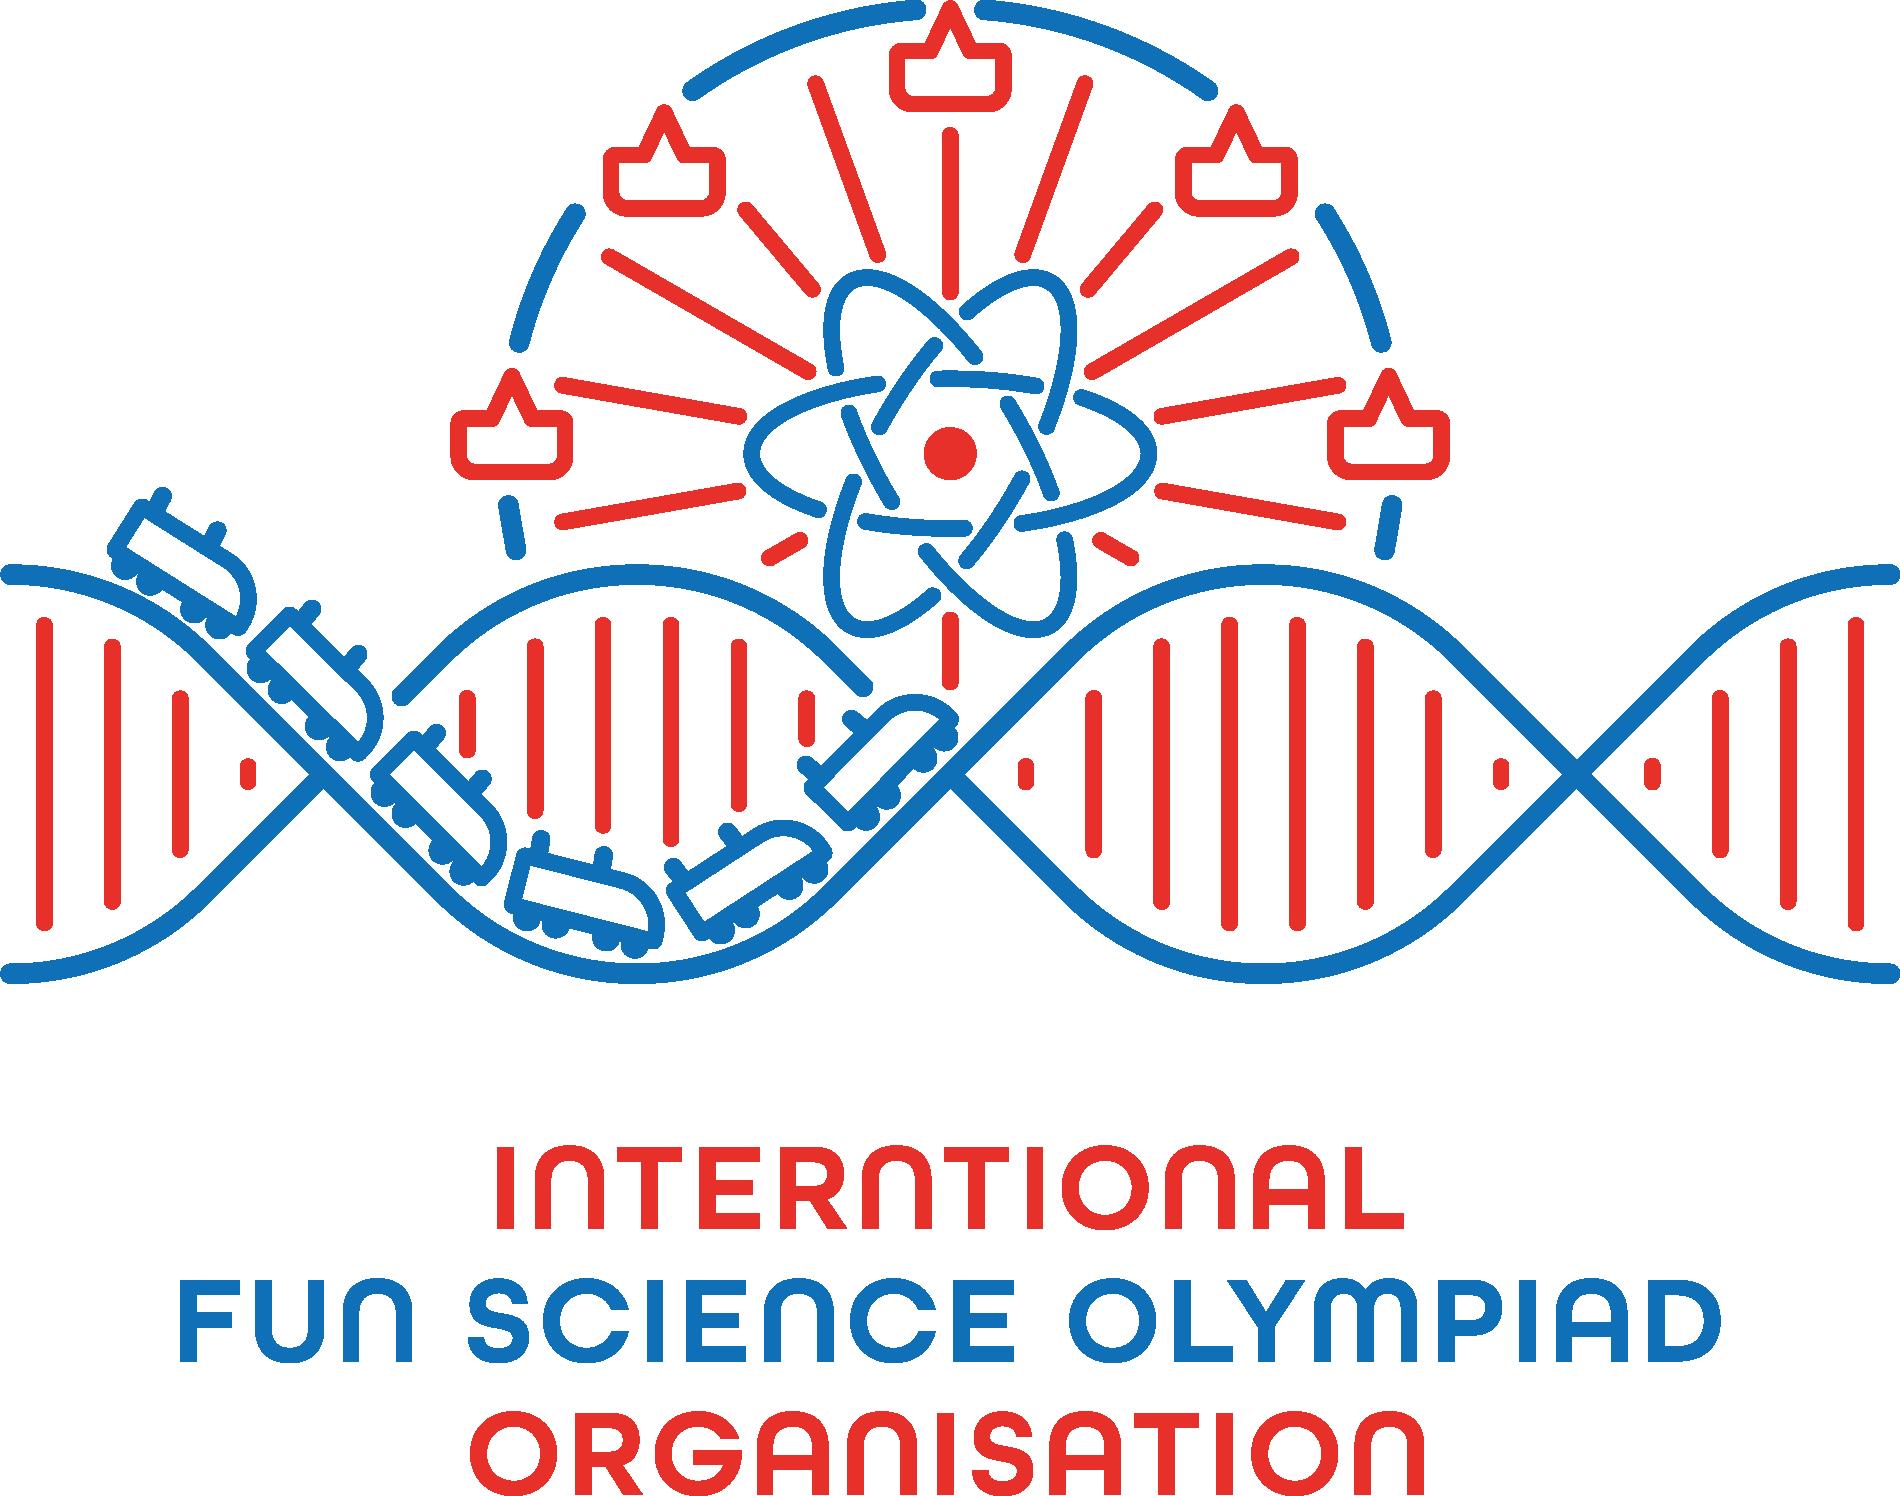 IFS Olympiad